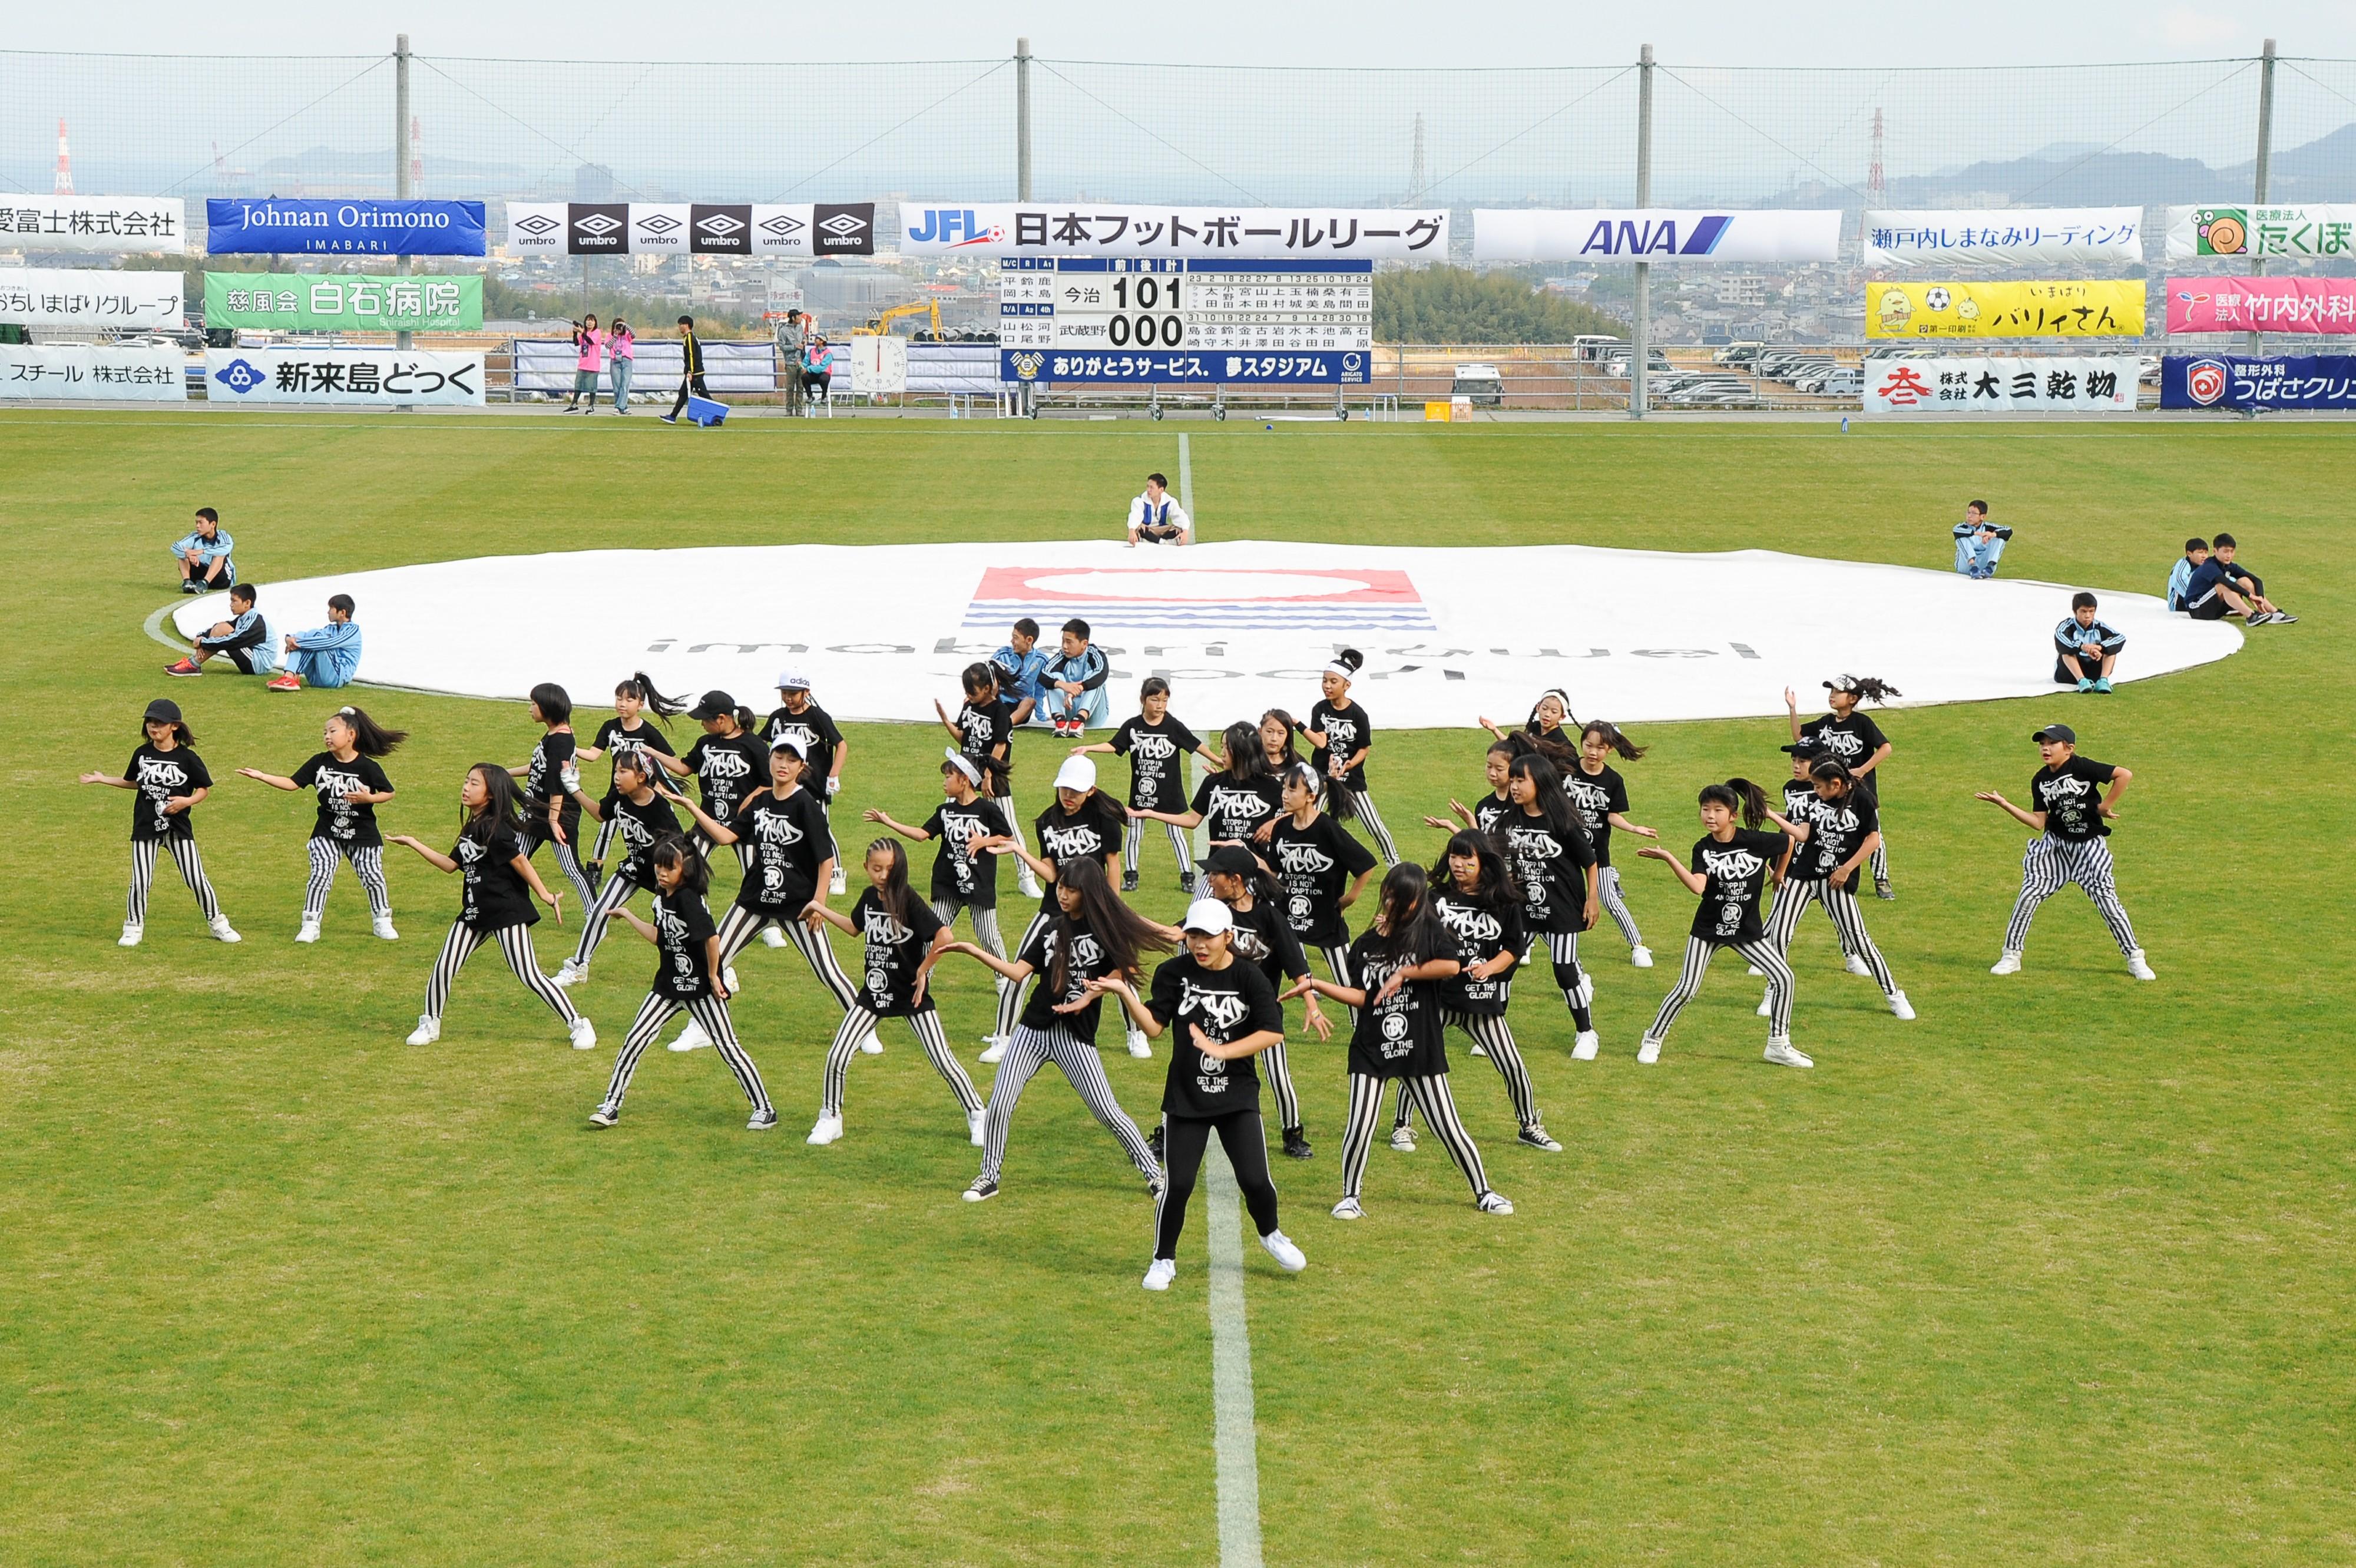 2018-11-04 FC IMABARI 110.jpg